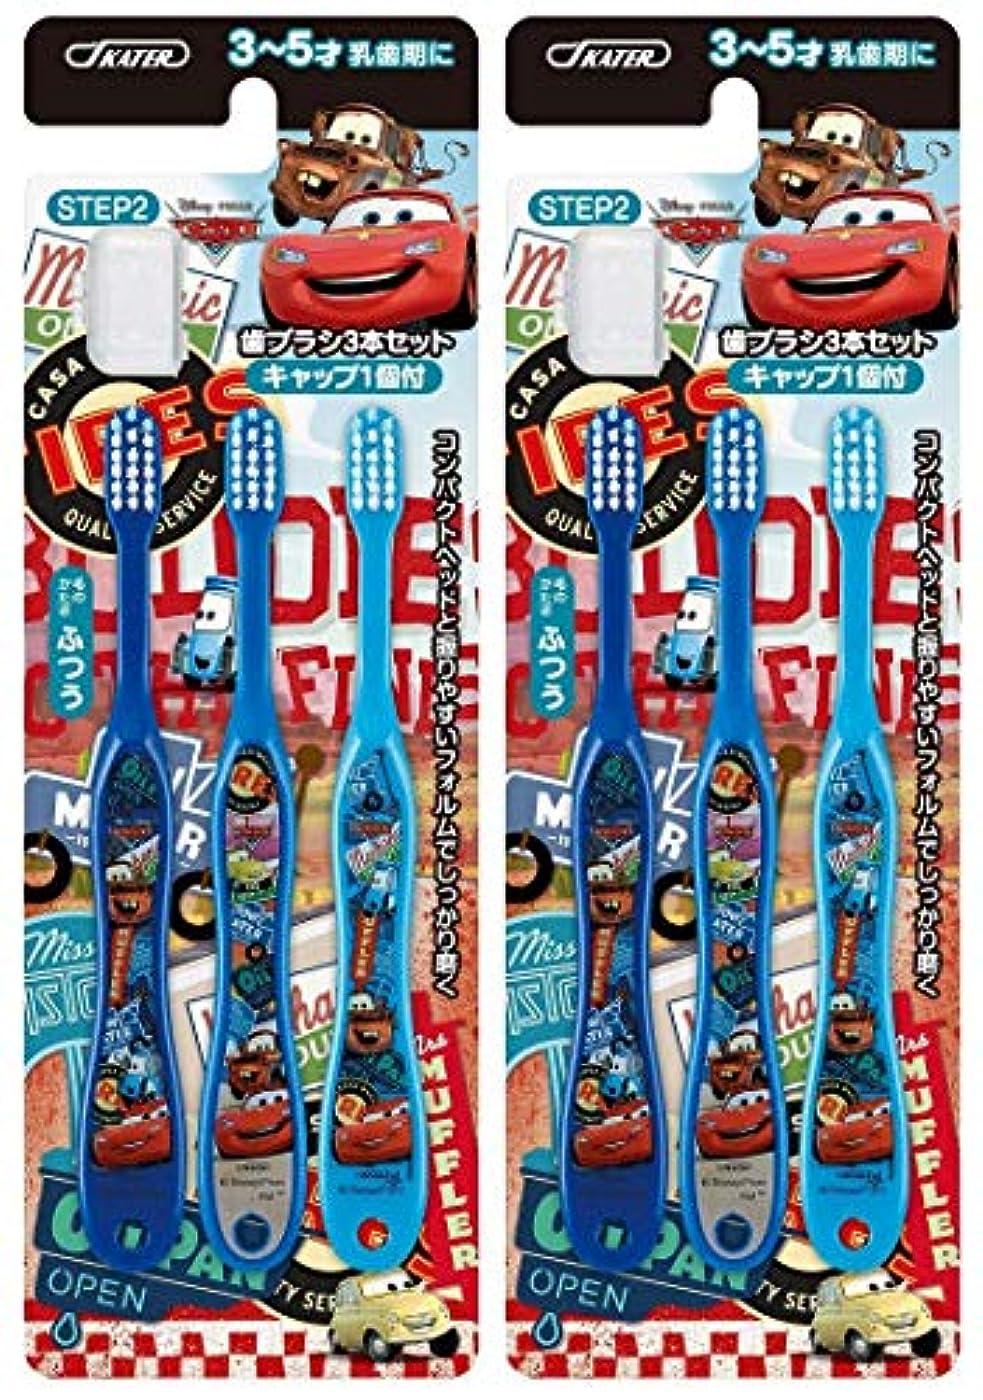 約束する資格情報動作スケーター 歯ブラシ 園児用 3-5才 普通 6本セット (3本セット×2個) カーズ 14cm TB5T